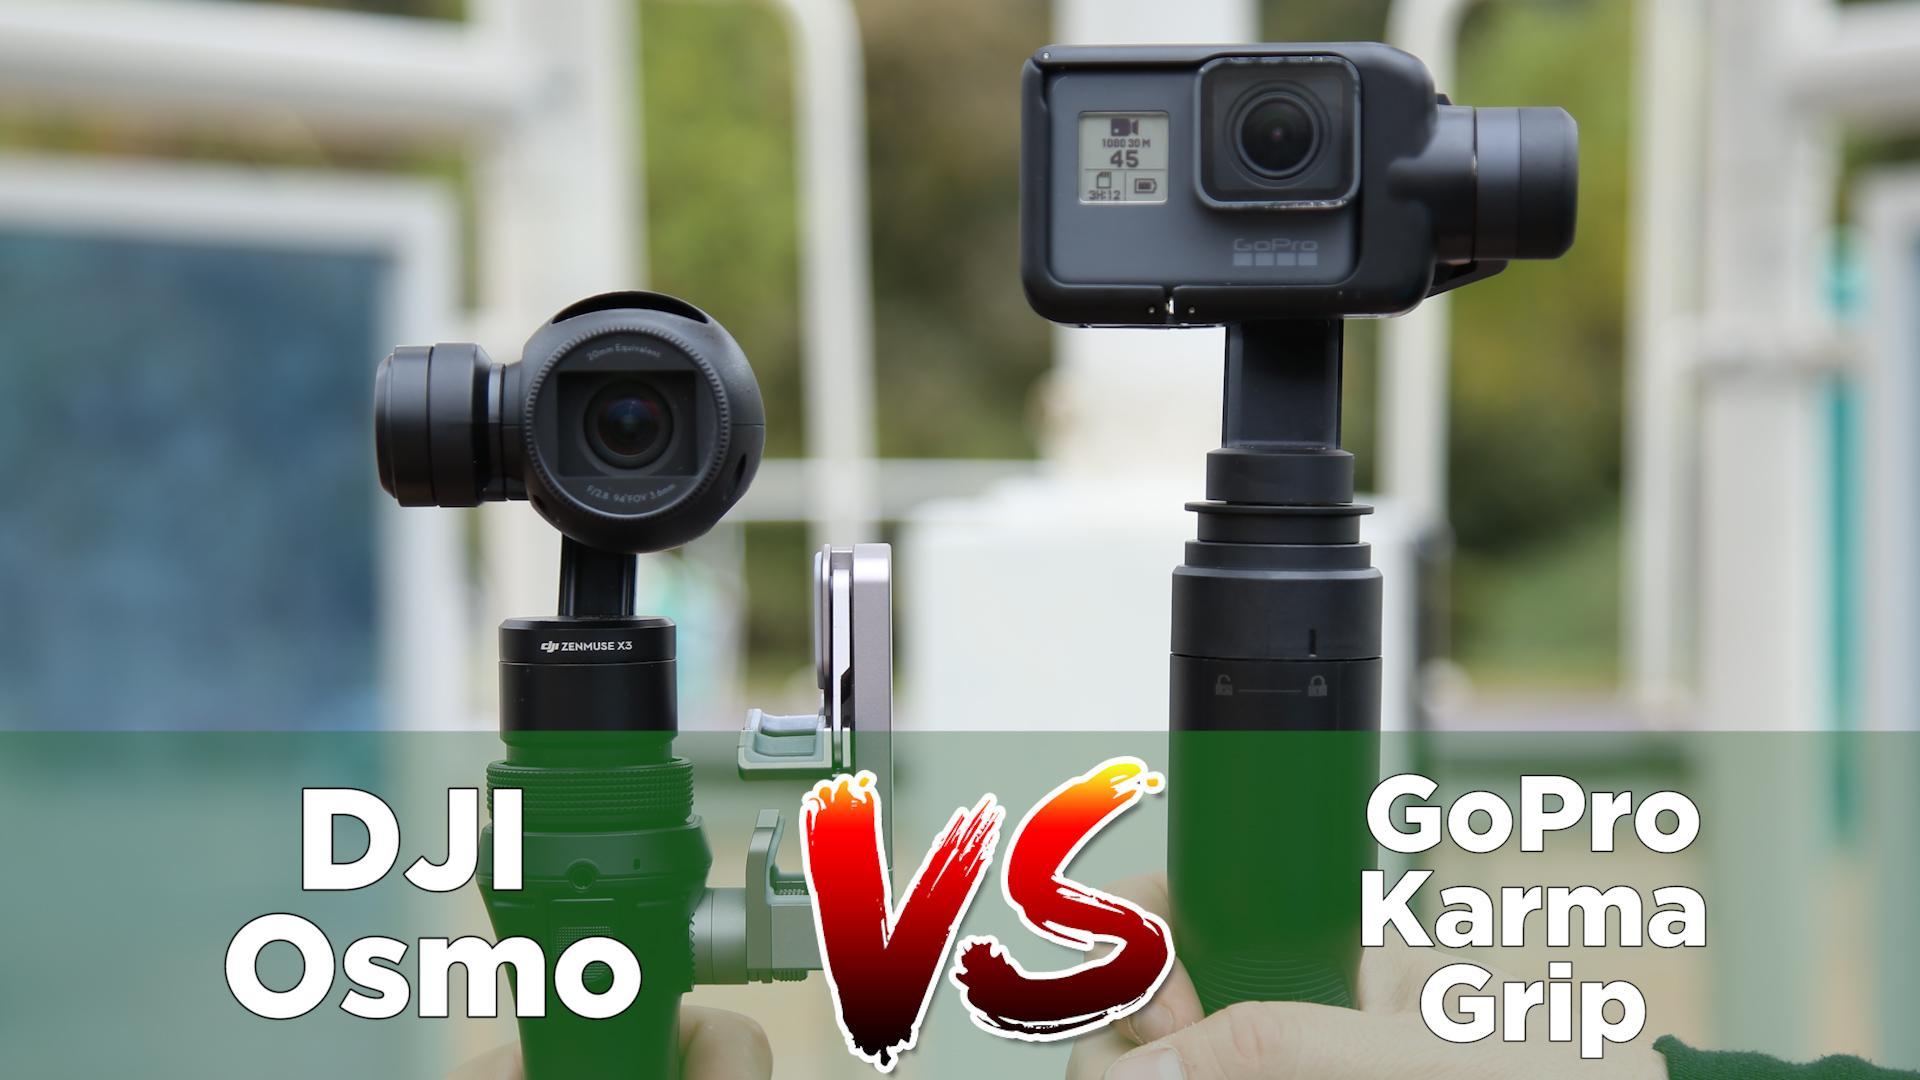 DJI Osmo VS GoPro Karma Grip